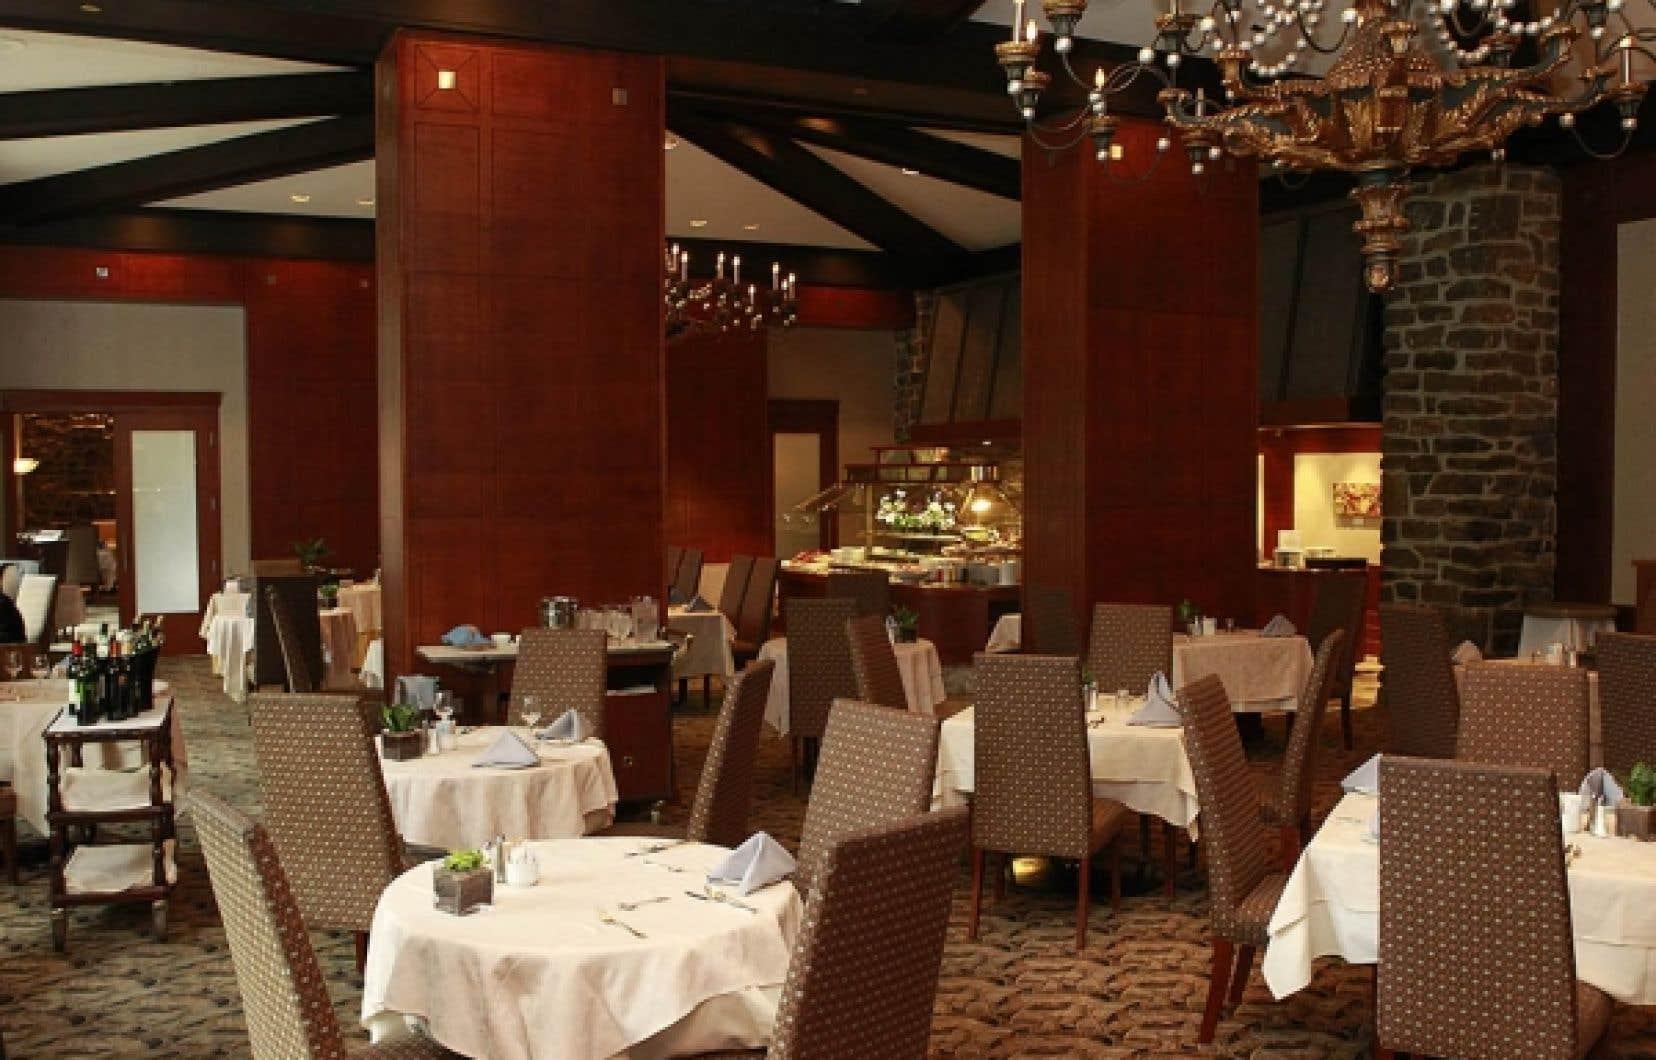 Au restaurant Le Castillon de l'hôtel Hilton Bonaventure, à Montréal, un buffet dressé par sections propose un grand choix de plats froids et chauds ainsi que de desserts offerts suivant la tendance du service en verrine.<br />